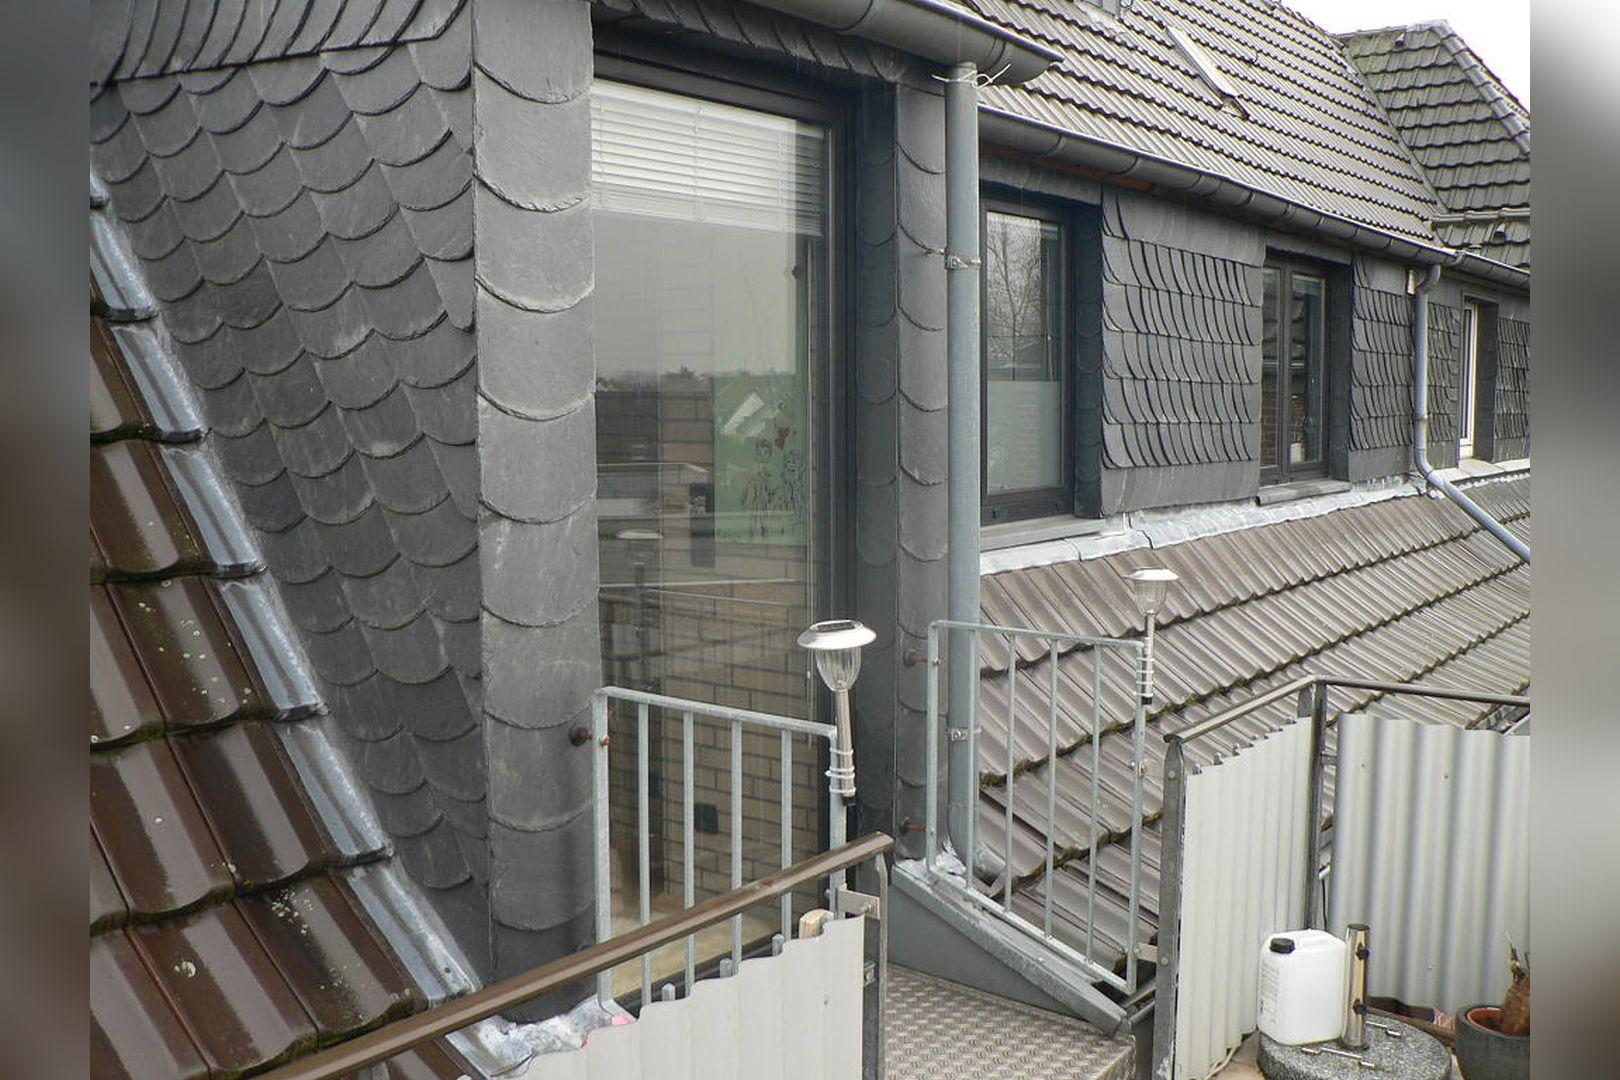 Immobilie Nr.0251 - Maisonette-Wohnung mit Galerie und großer Dachterrasse  - Bild 13.jpg